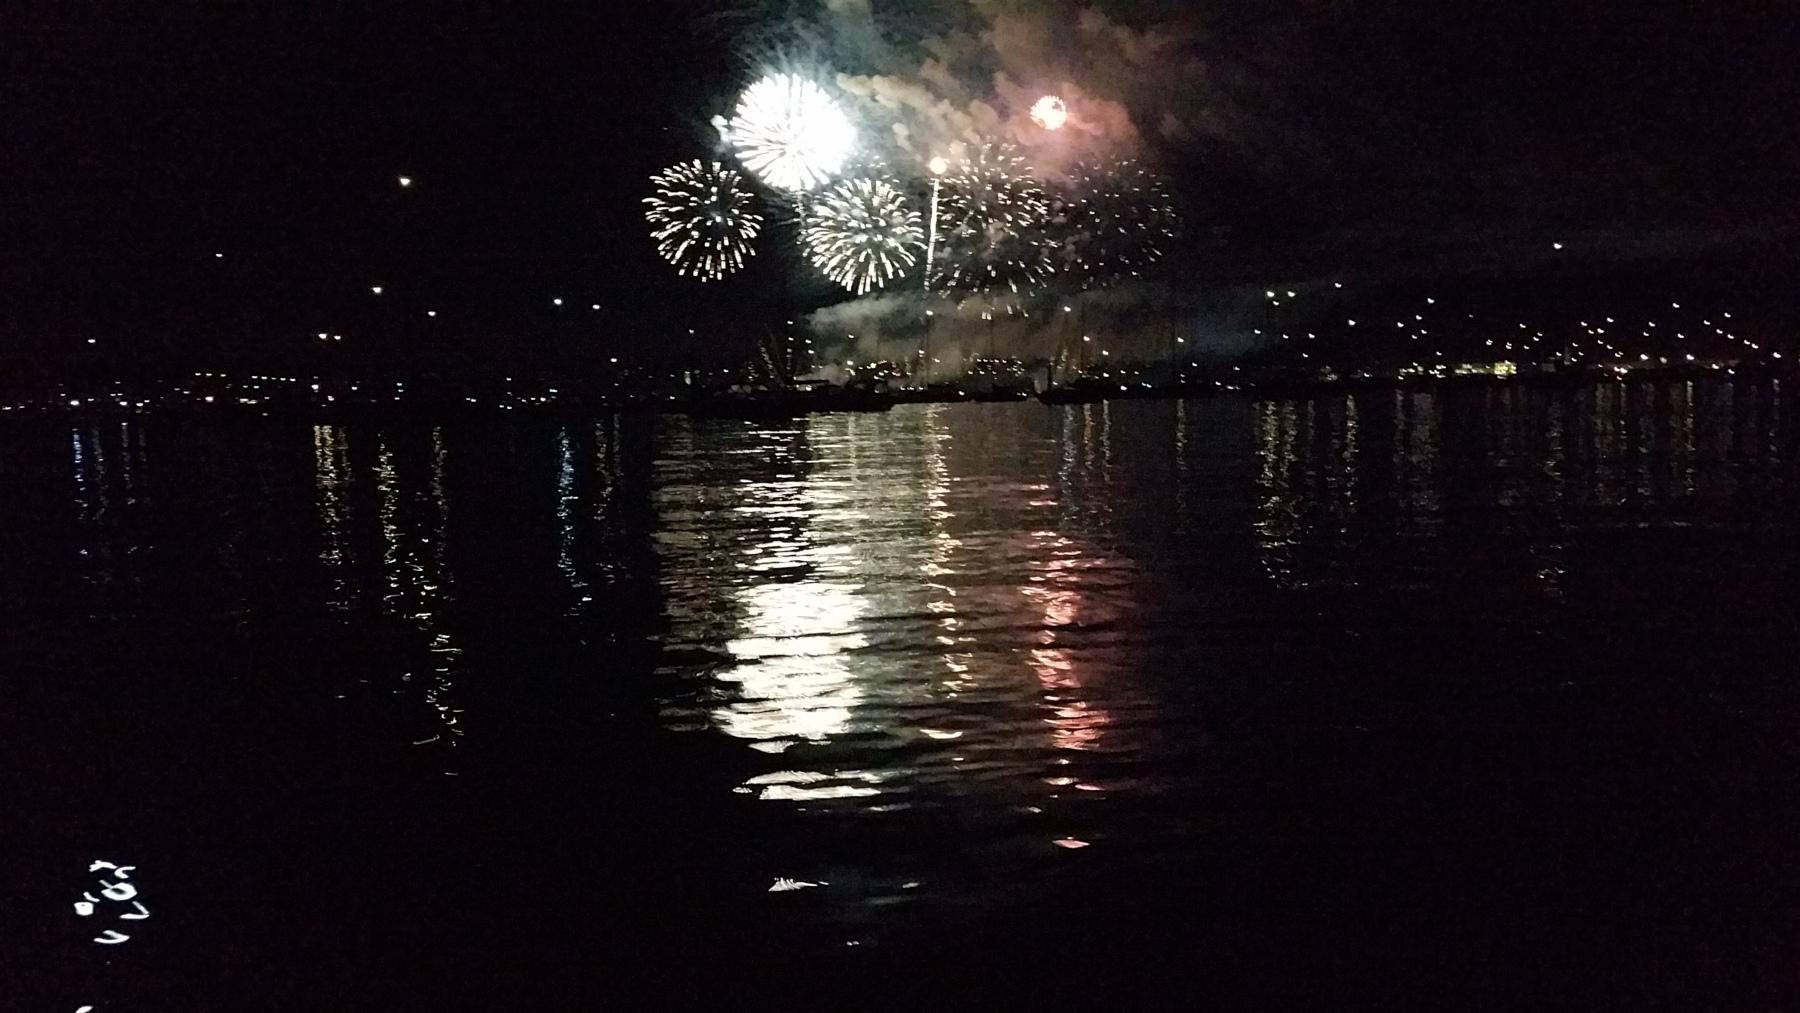 Seenachtsfest Konstanz - vom See aus betrachtet - Bodensee und Innenstadtsperrung - miradlo ab 18 Uhr geschlossen